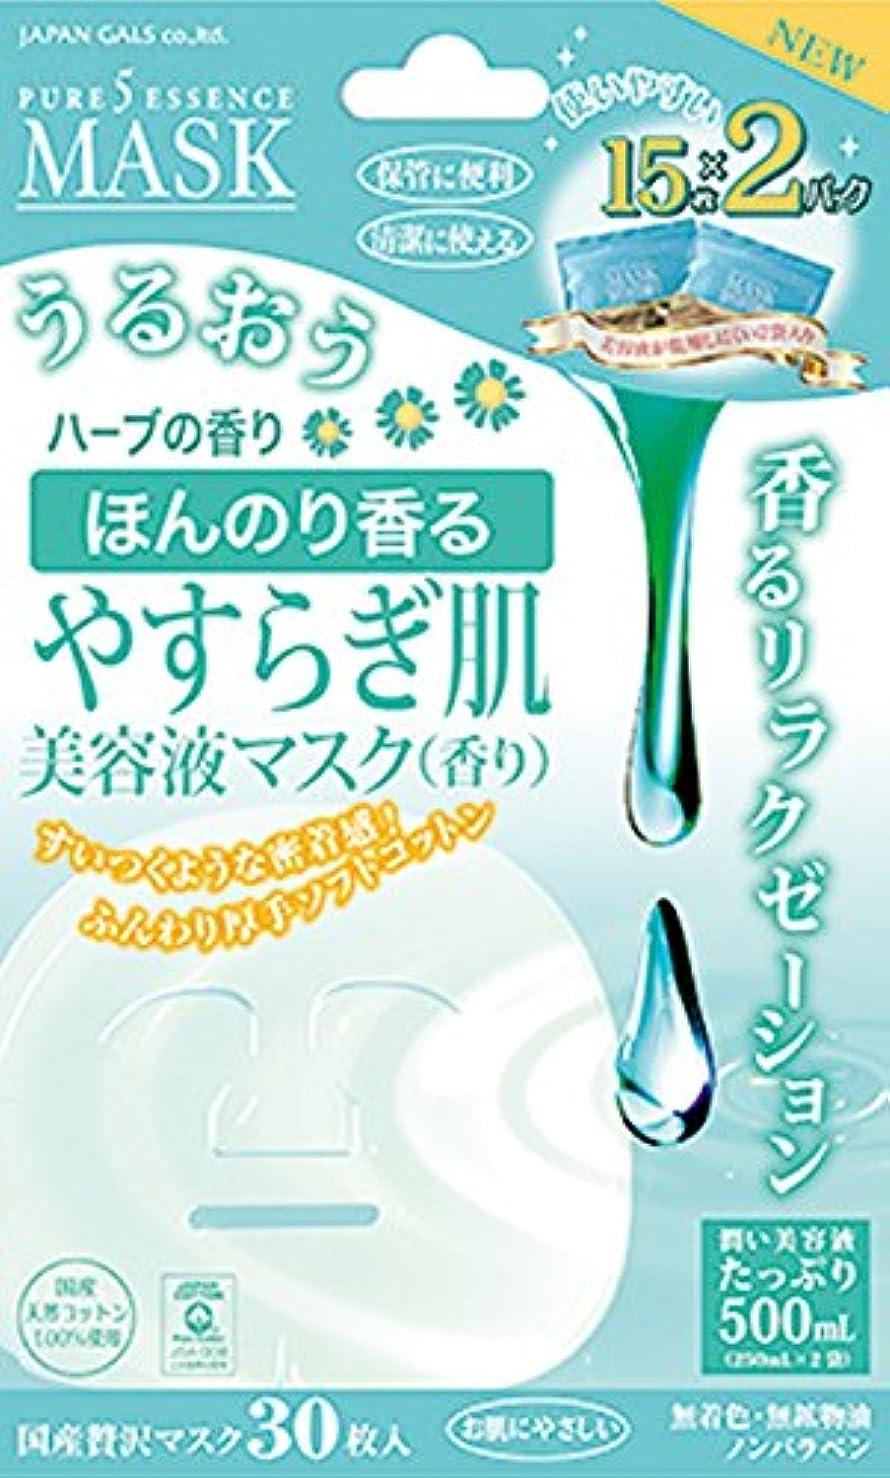 テスト後ろ、背後、背面(部汚れるジャパンギャルズ ピュア5エッセンスマスク (香り) 15枚入り×2袋